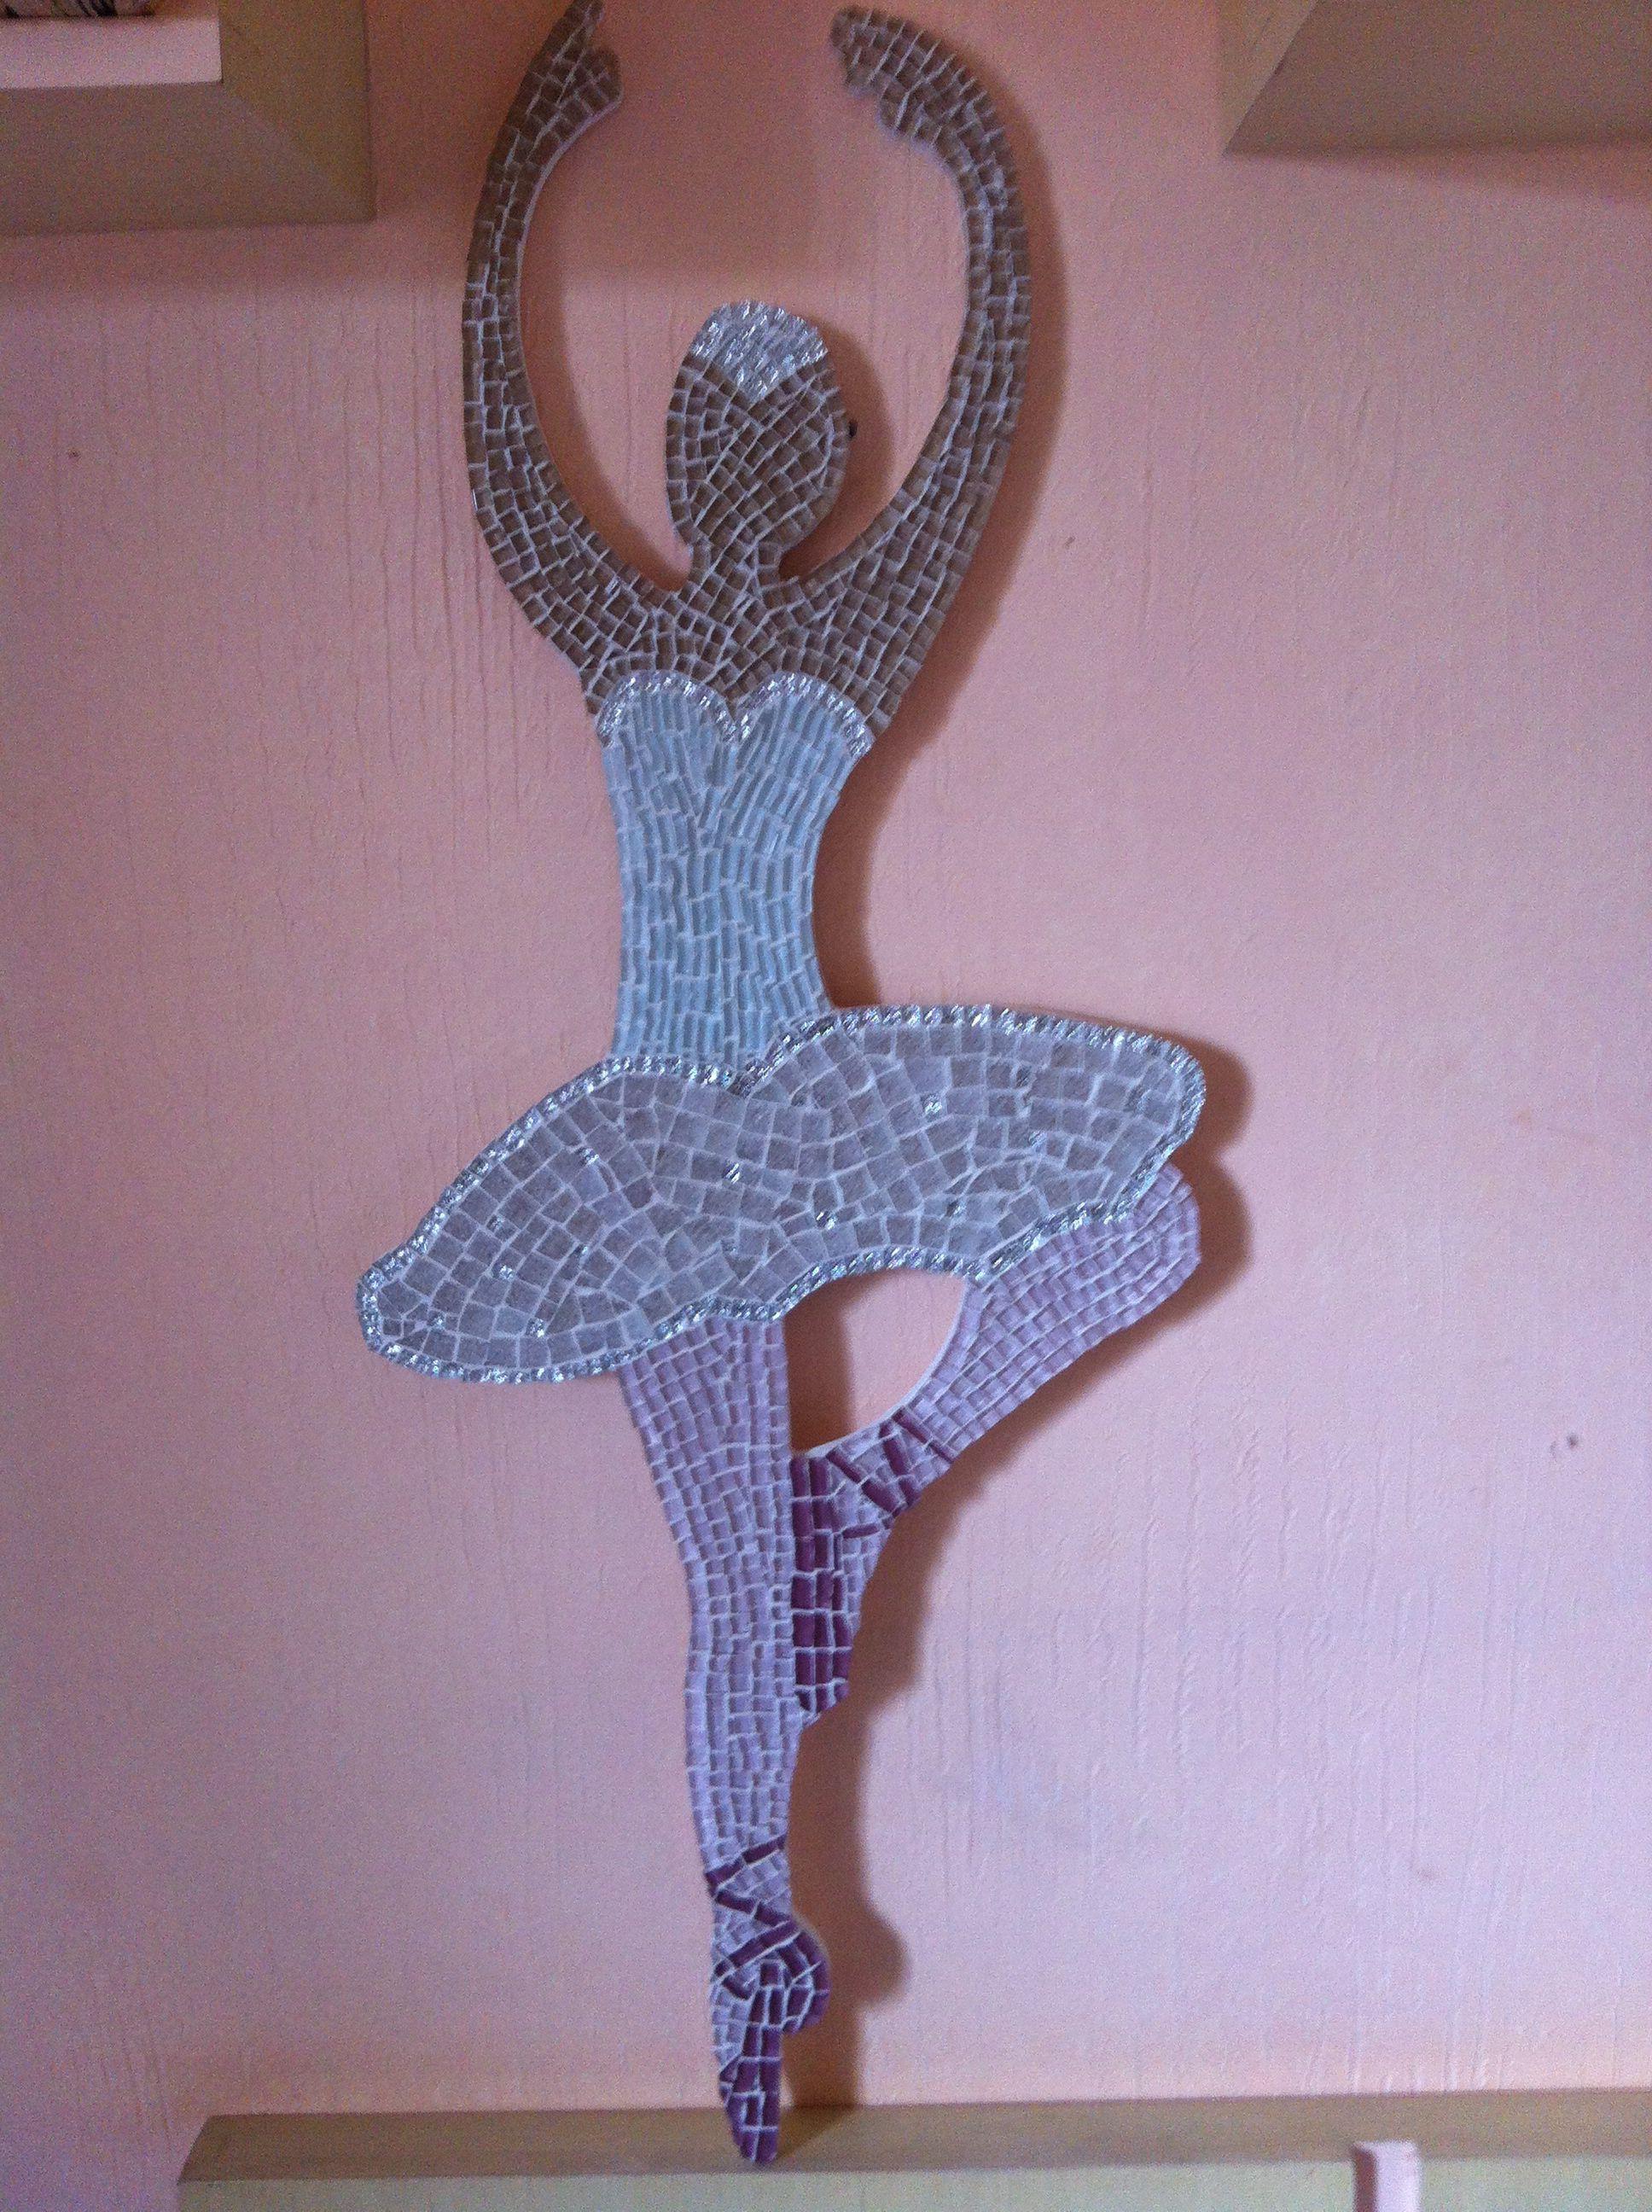 Meu primeiro trabalho em mosaico!